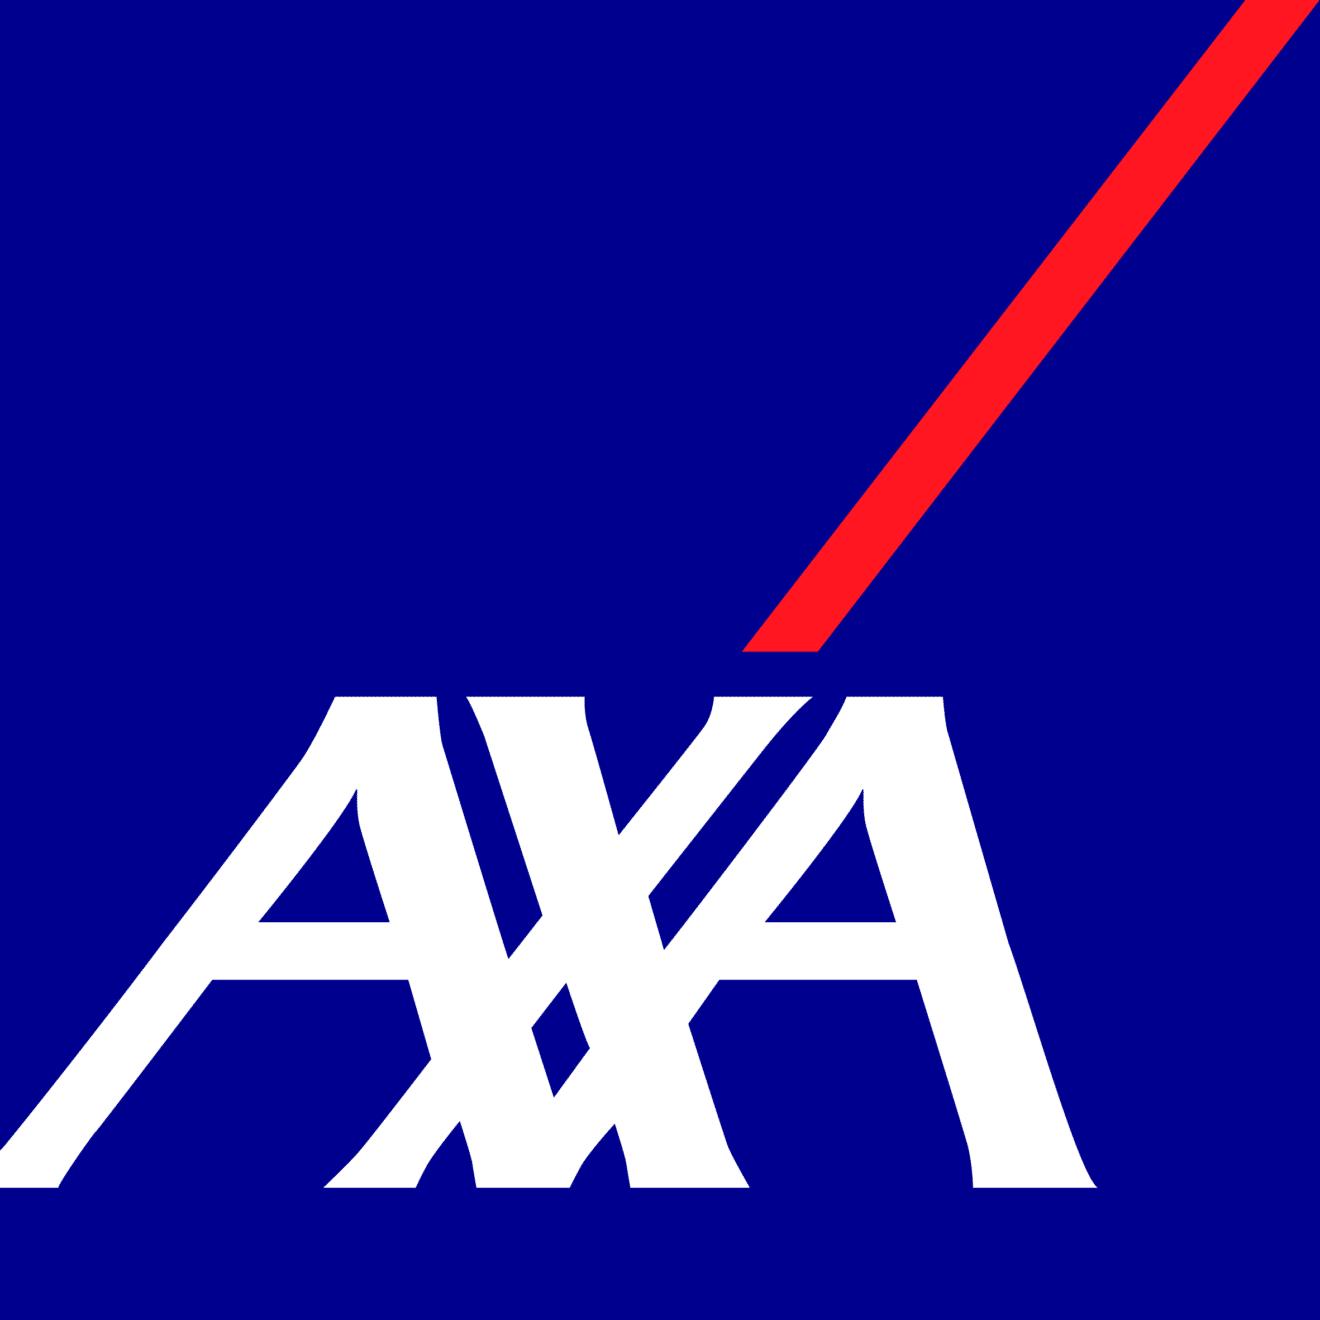 axa_logo_solid_rgb-2